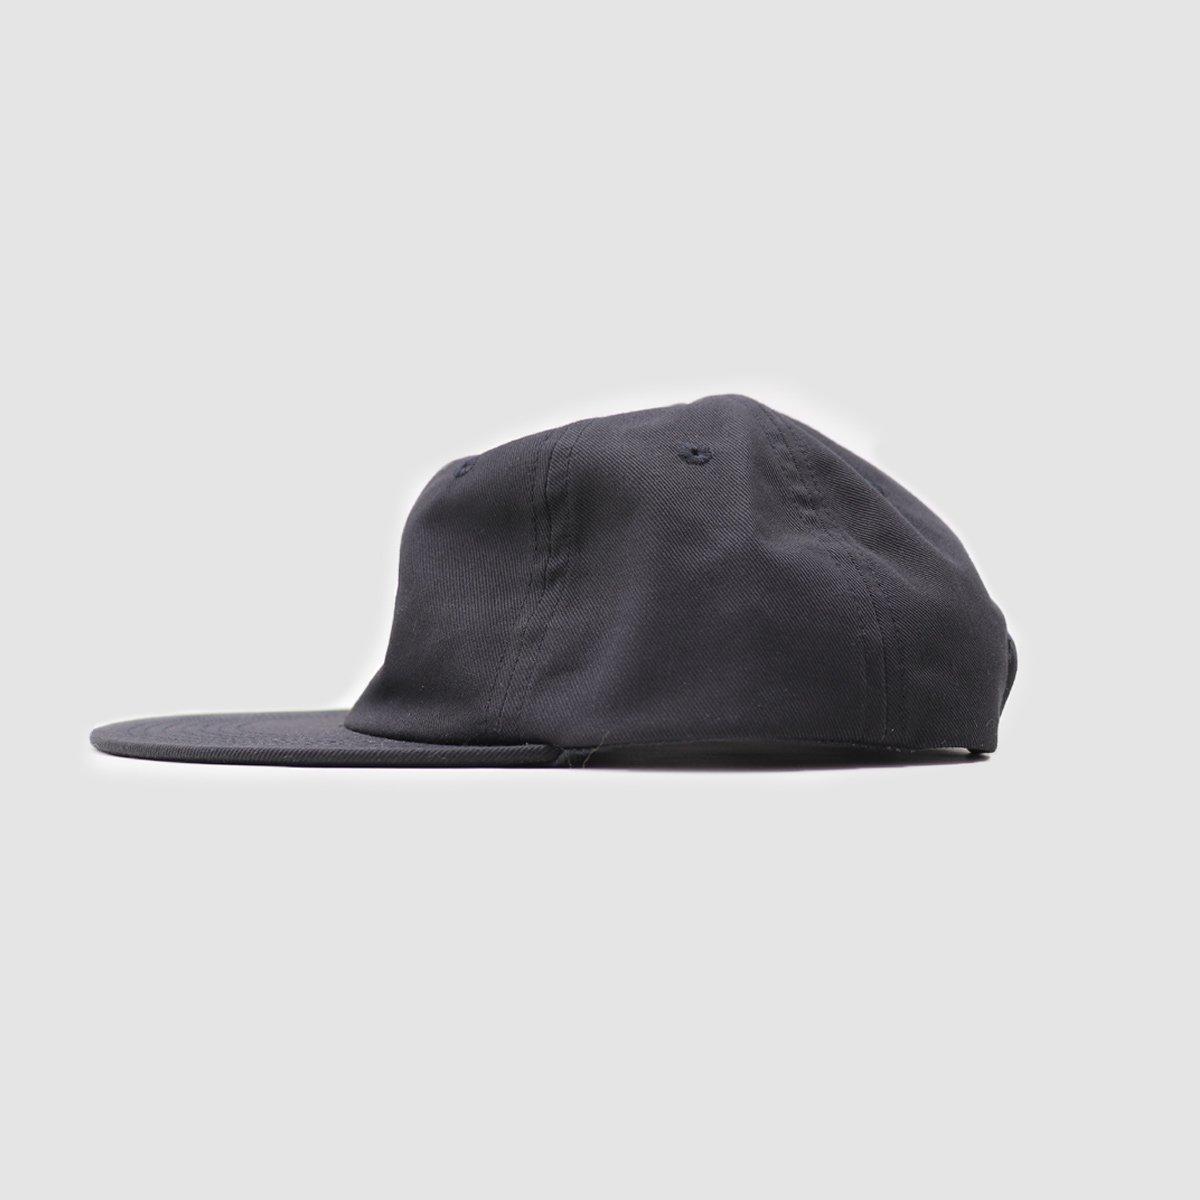 JOBA CAP 詳細画像3